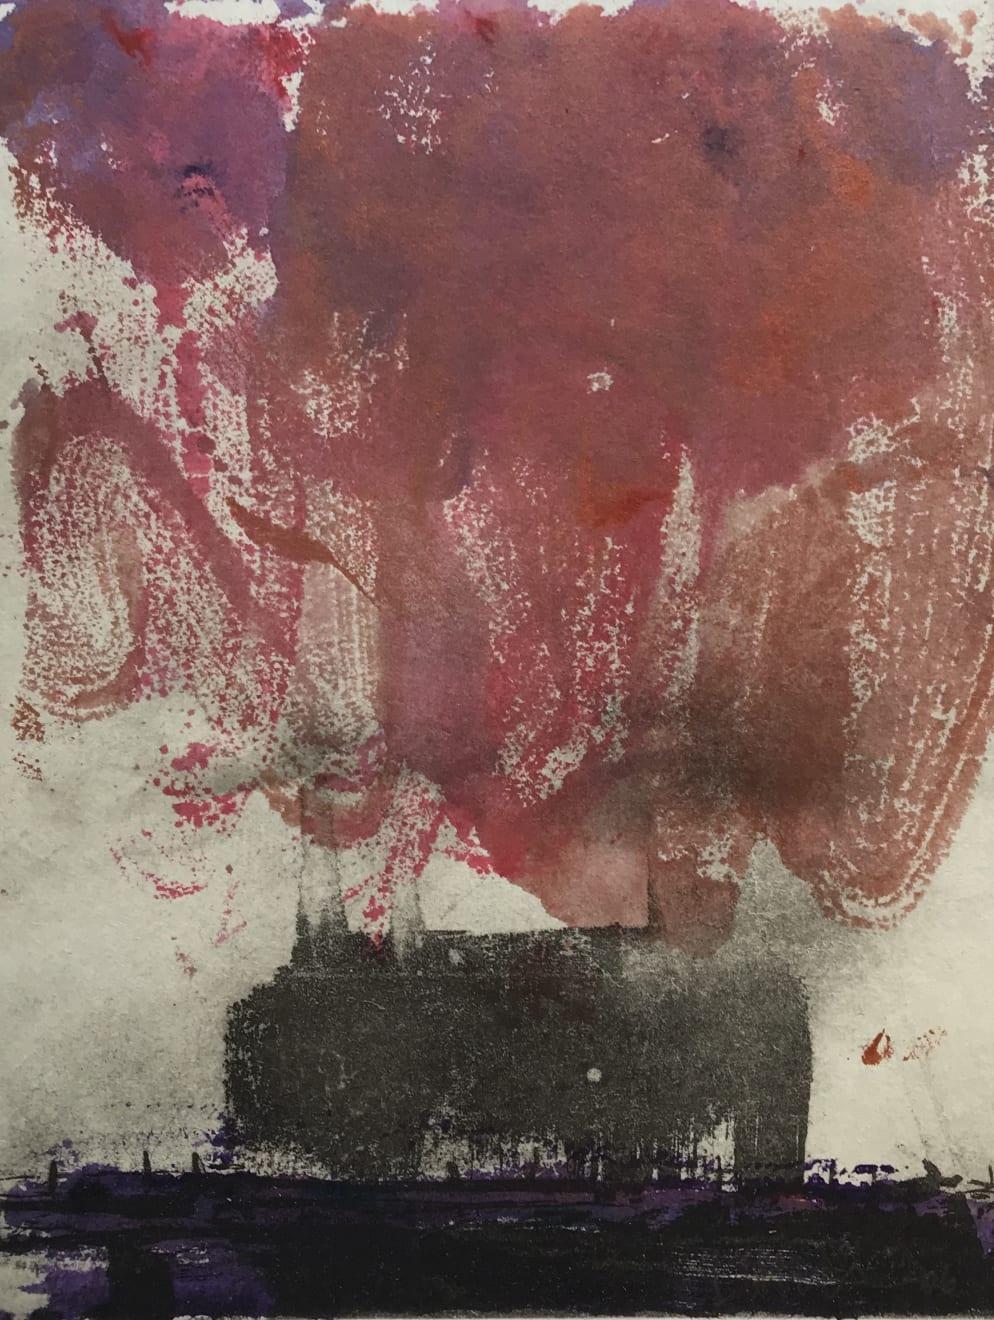 Summer Auction 2020, LOT 77 - Jason Hicklin - 'Battersea Evening No.12', 2006